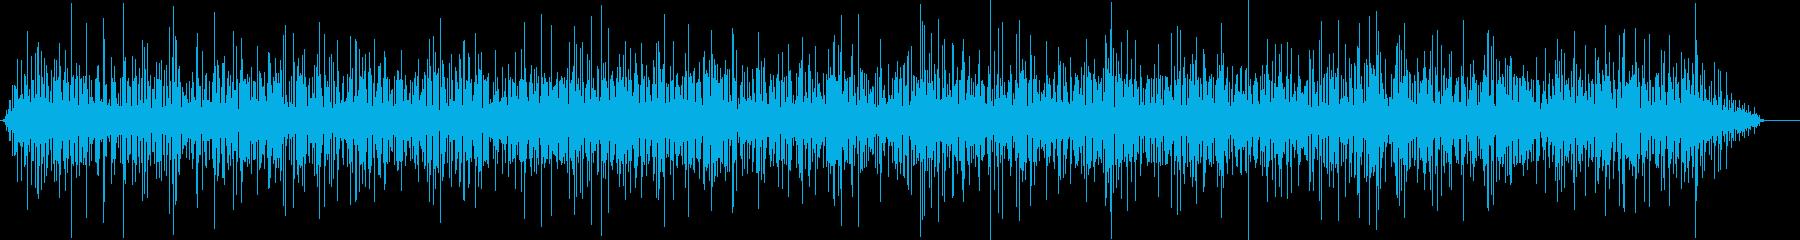 ウッドファイヤースモール。ファイア...の再生済みの波形